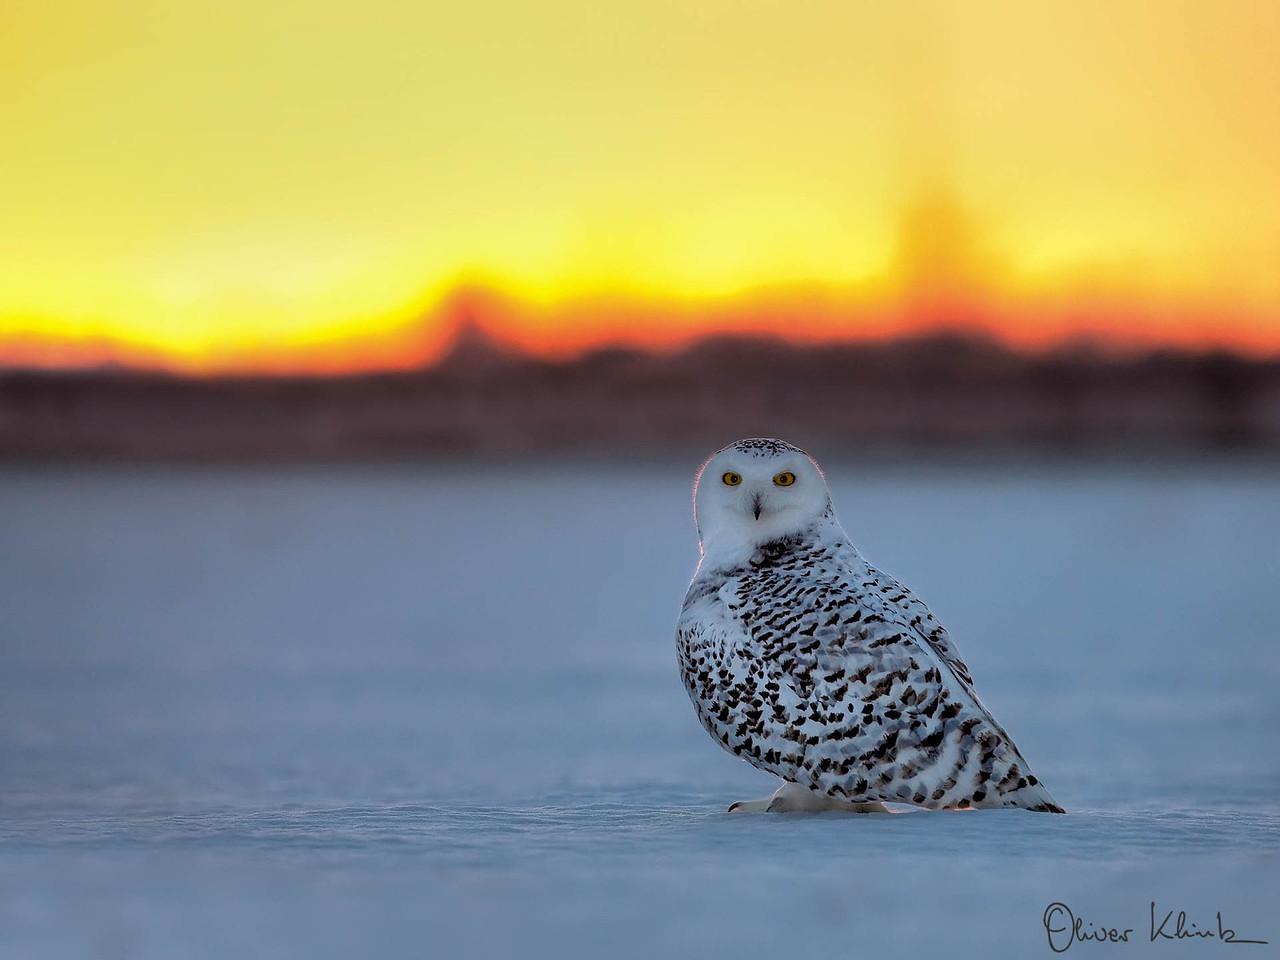 BD_1017: Snowy Owl #1